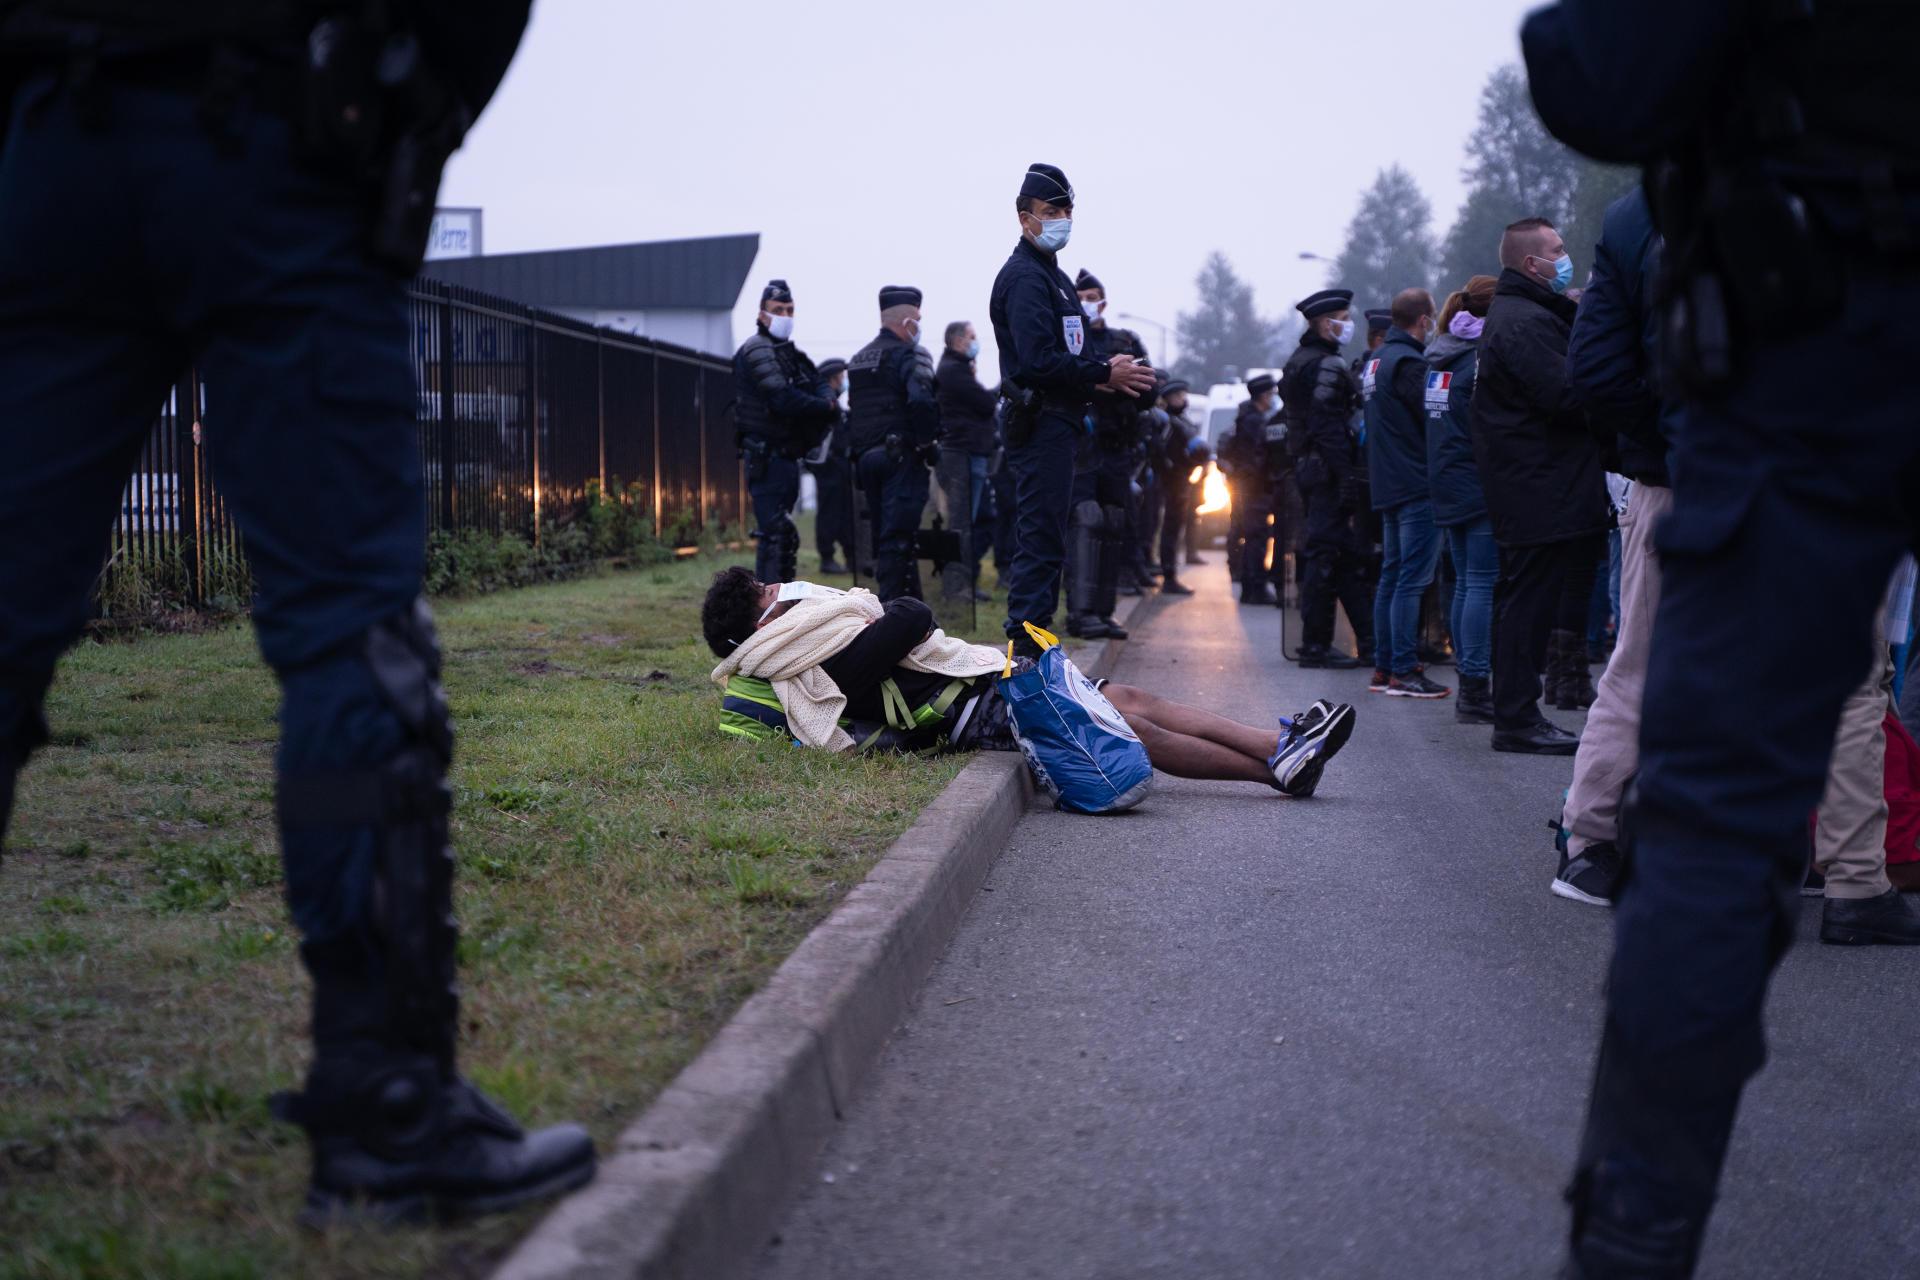 Des policiers évacuent environ 600 personnes, dans un campement situé près de l'hôpital de Calais (Pas-de-Calais), le 29 septembre.